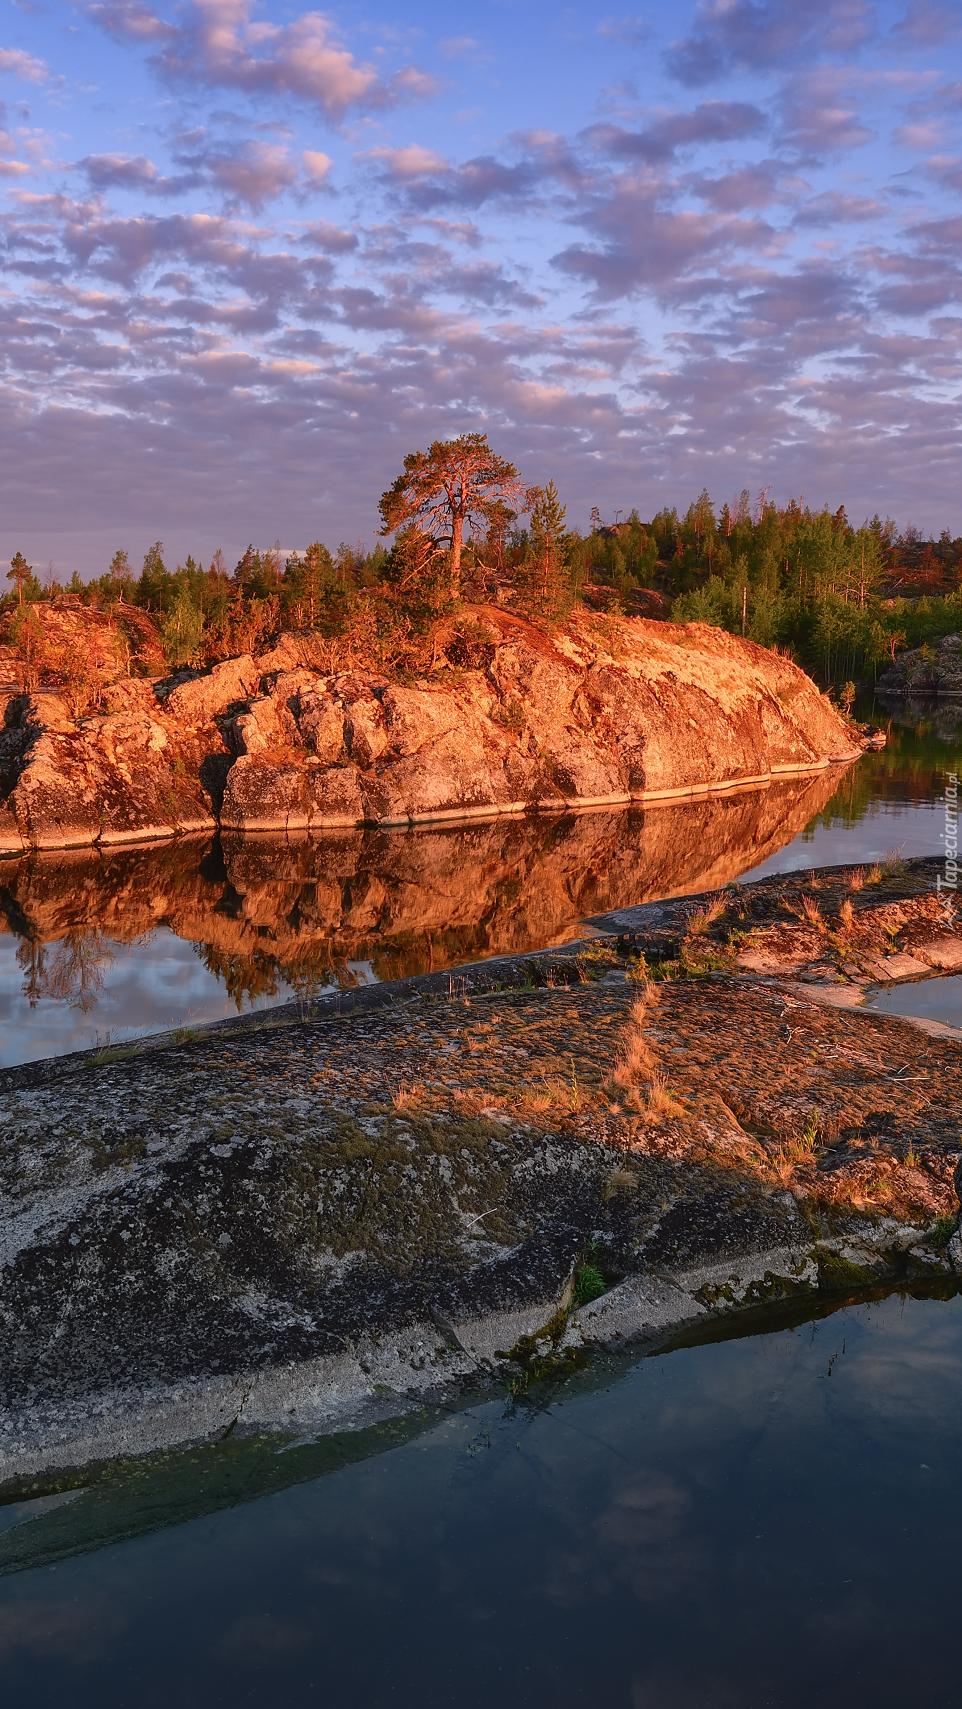 Skalne wysepki na jeziorze Ładoga